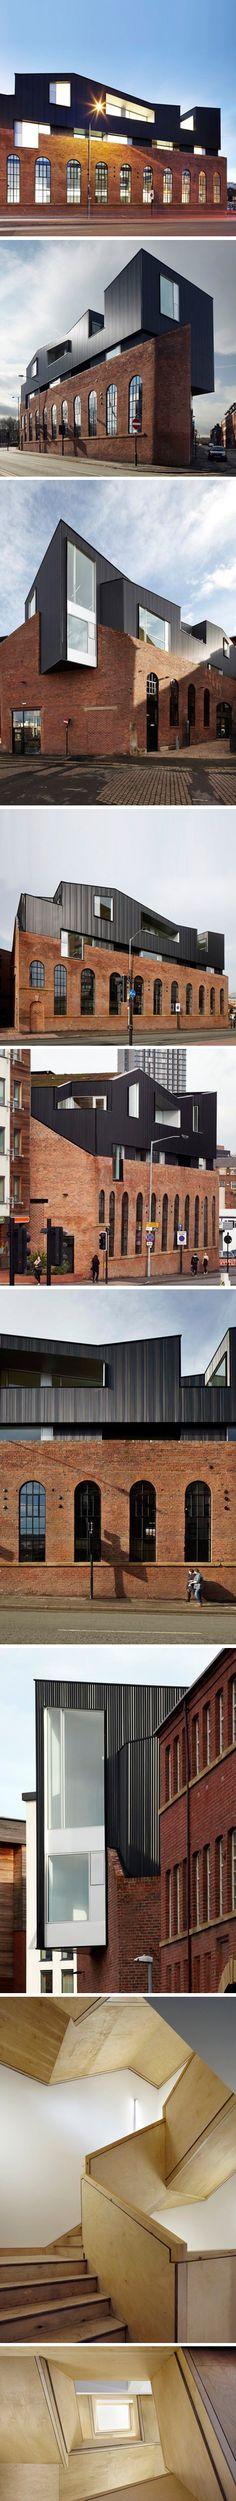 Project Orange est un studio d'archi qui vient d'ajouter deux étages sur le toit d'un entrepôt en brique. En lieu et place un nouveau restaurant et bar au style  victorien.     Source